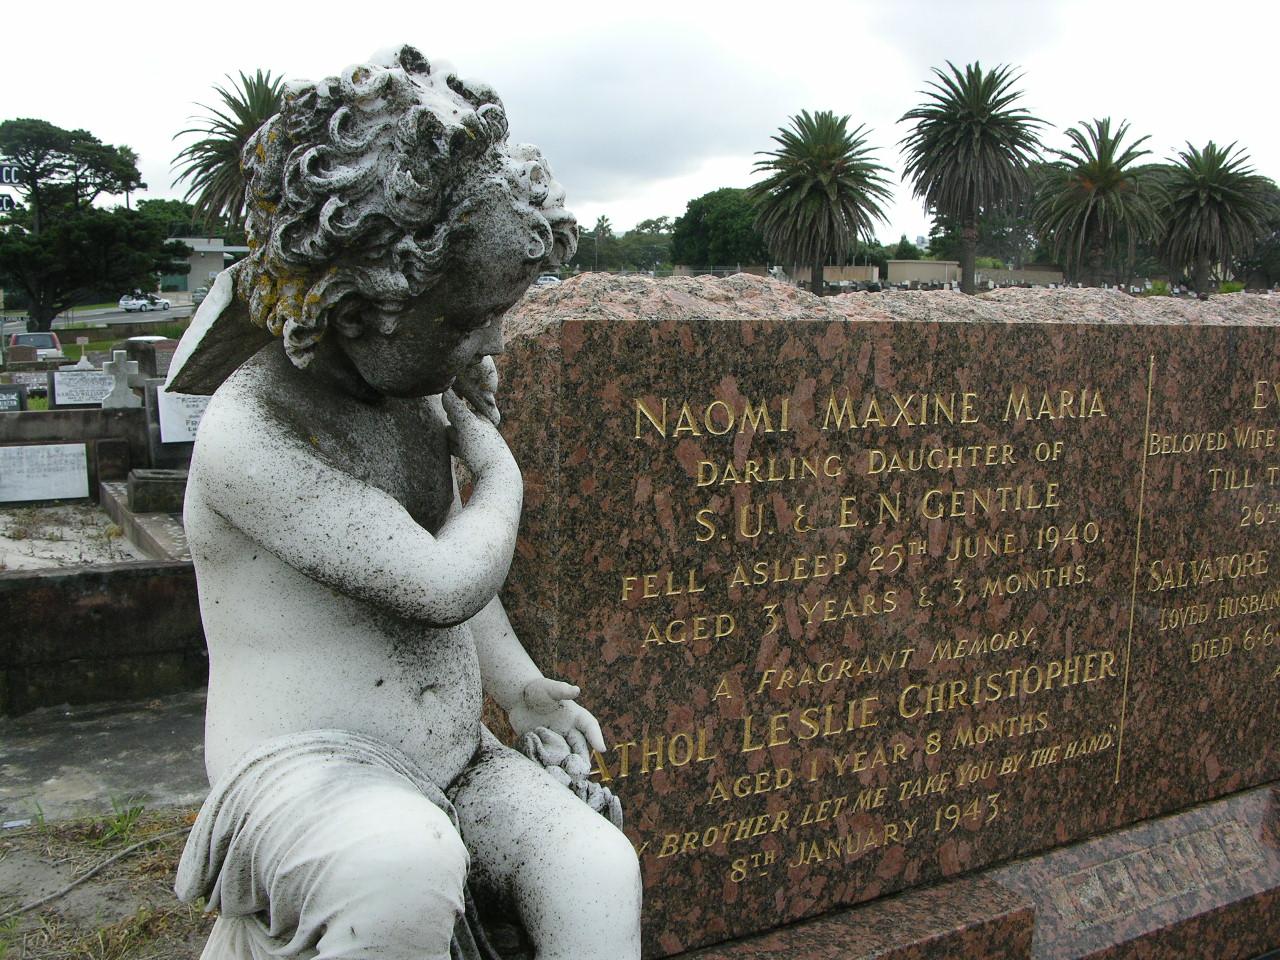 Eastern Suburbs Memorial Park Cemetery and Crematorium - 11